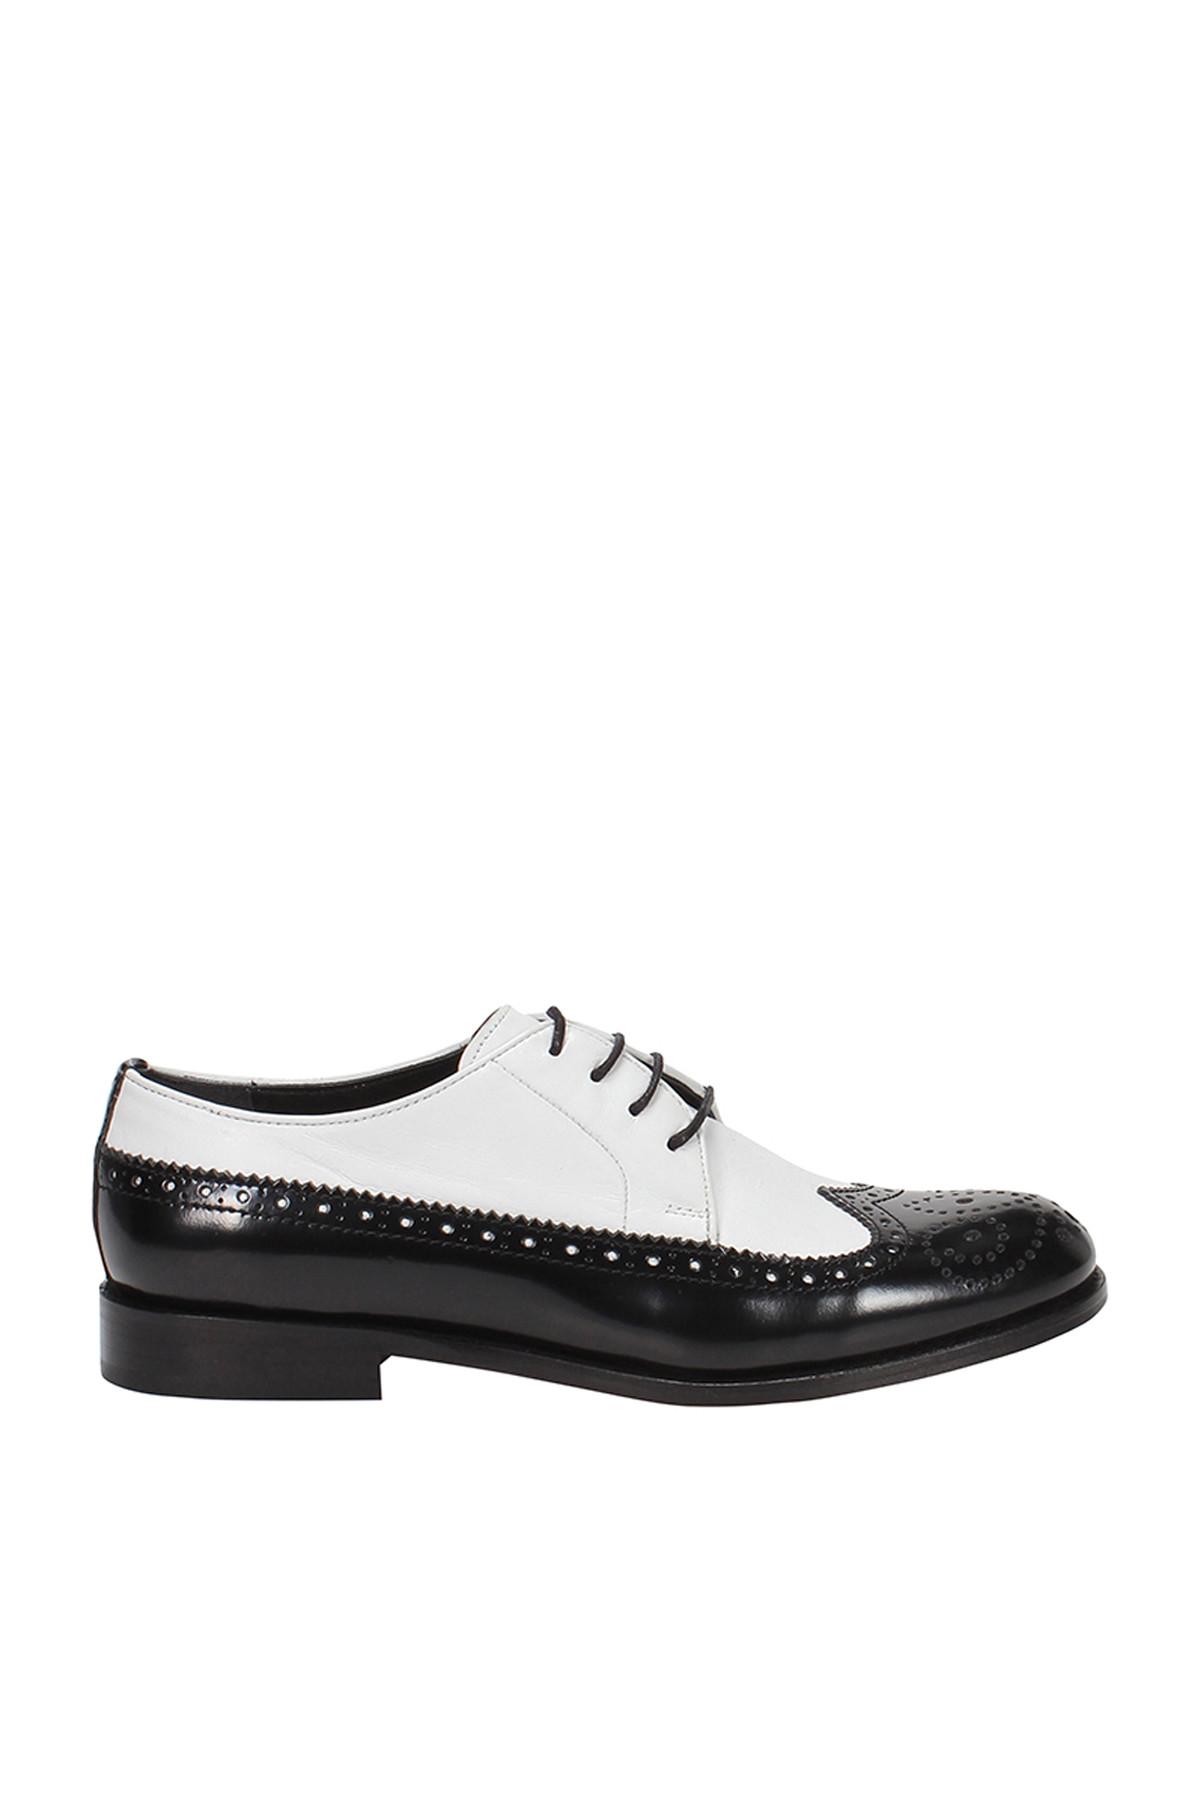 Hakiki Deri Beyaz Kadın Casual Ayakkabı 120130003614